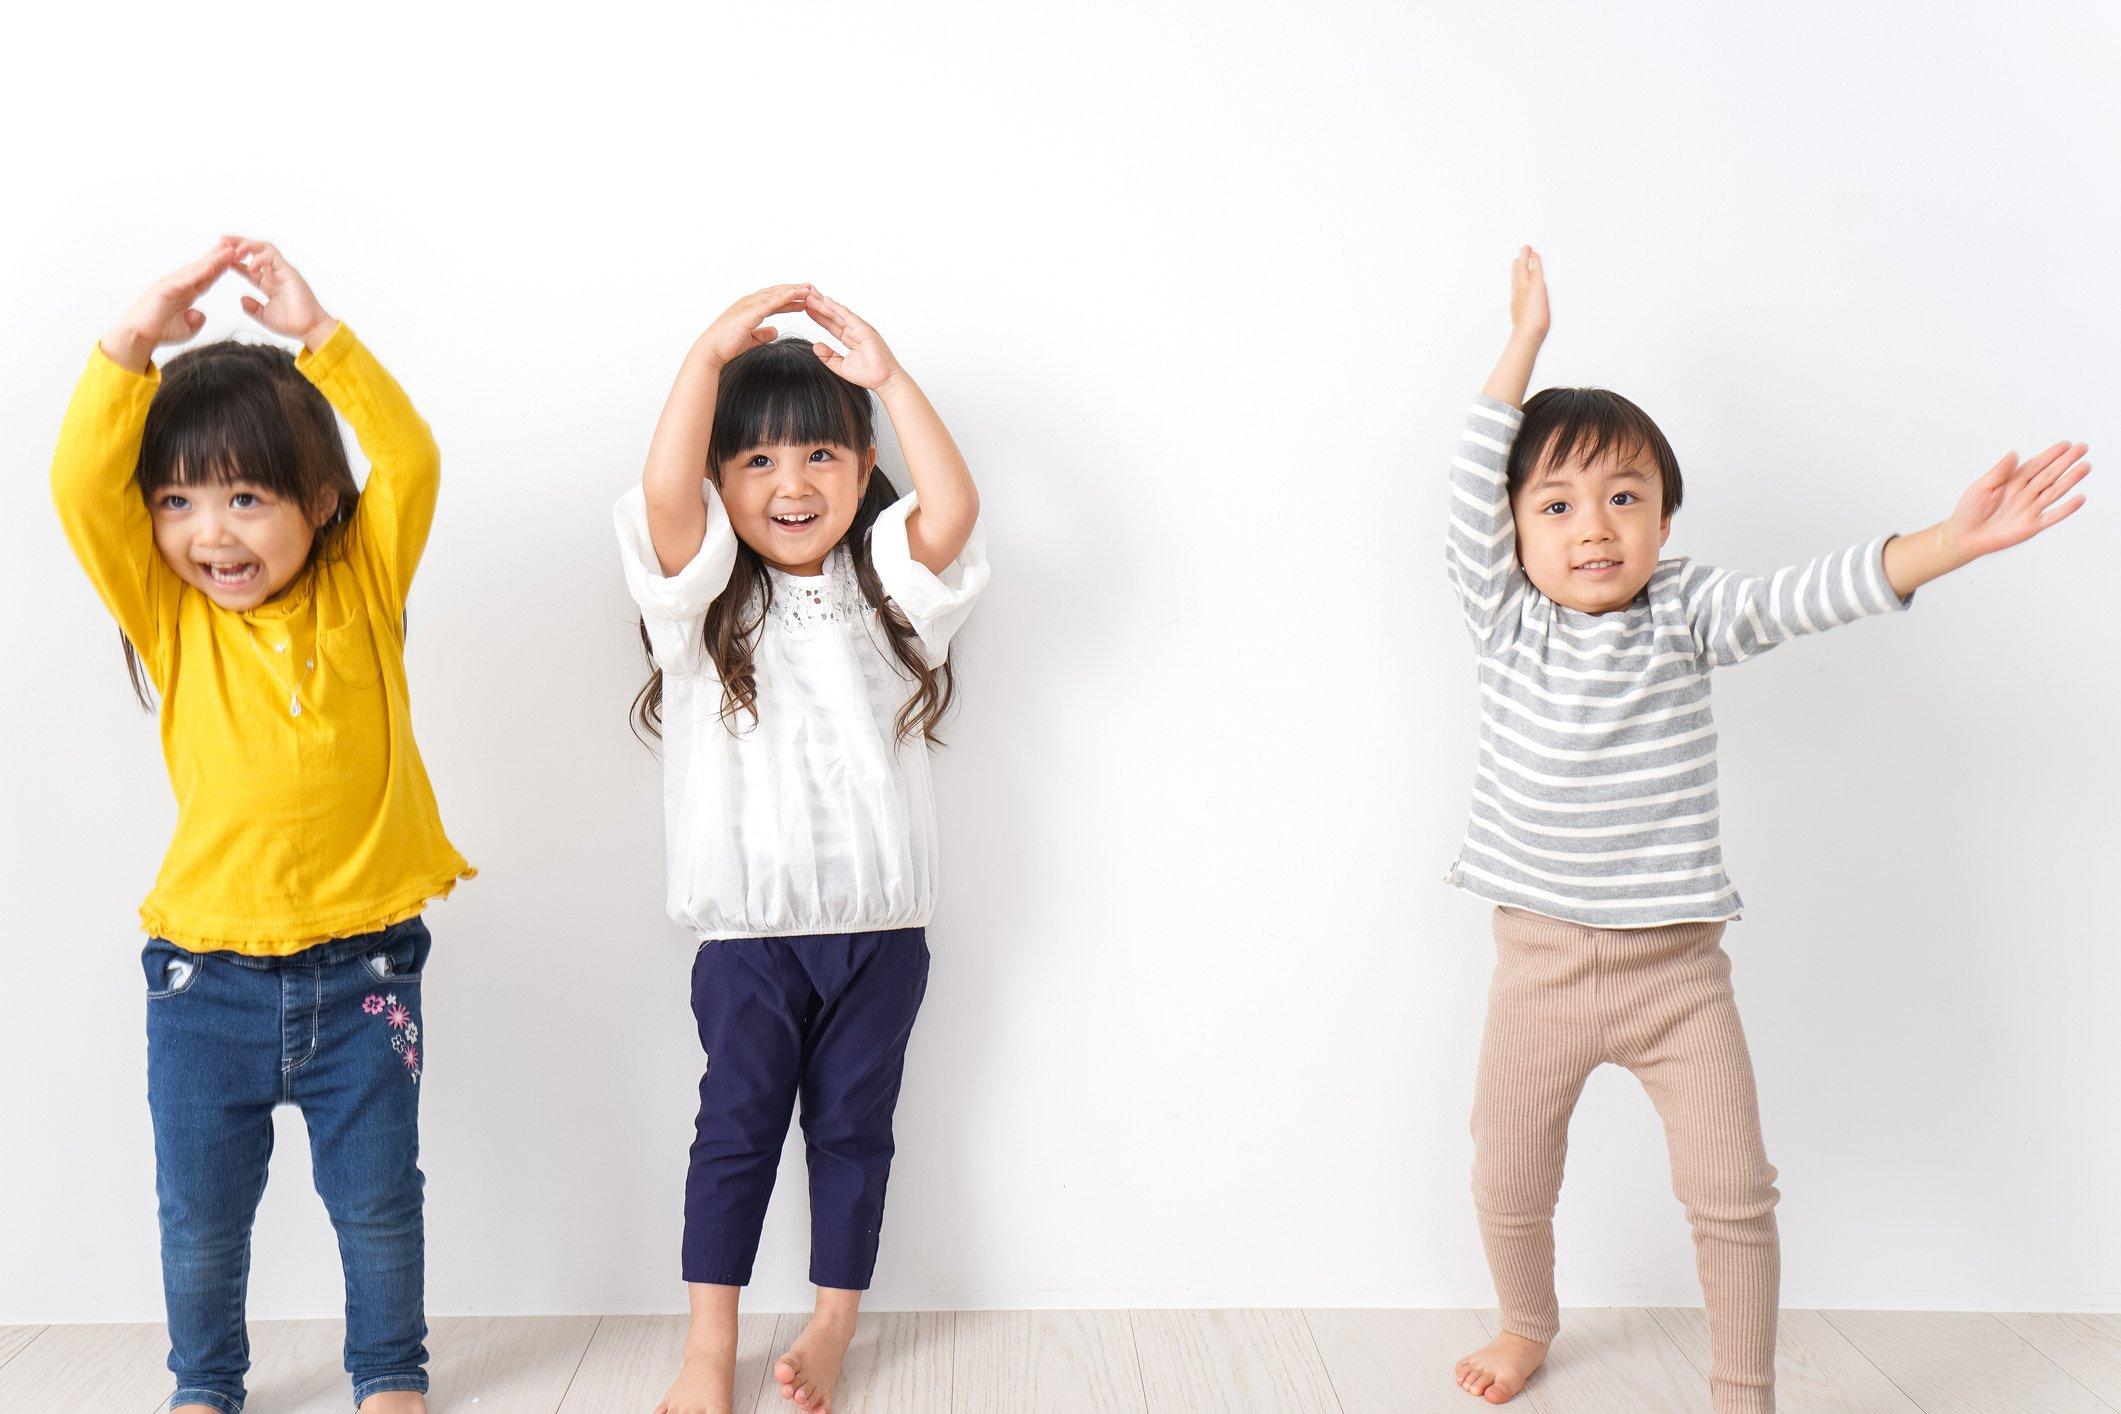 49 Activités Physiques Plaisantes À Faire Avec Des Enfants intérieur Jeux 3 Ans En Ligne Gratuit